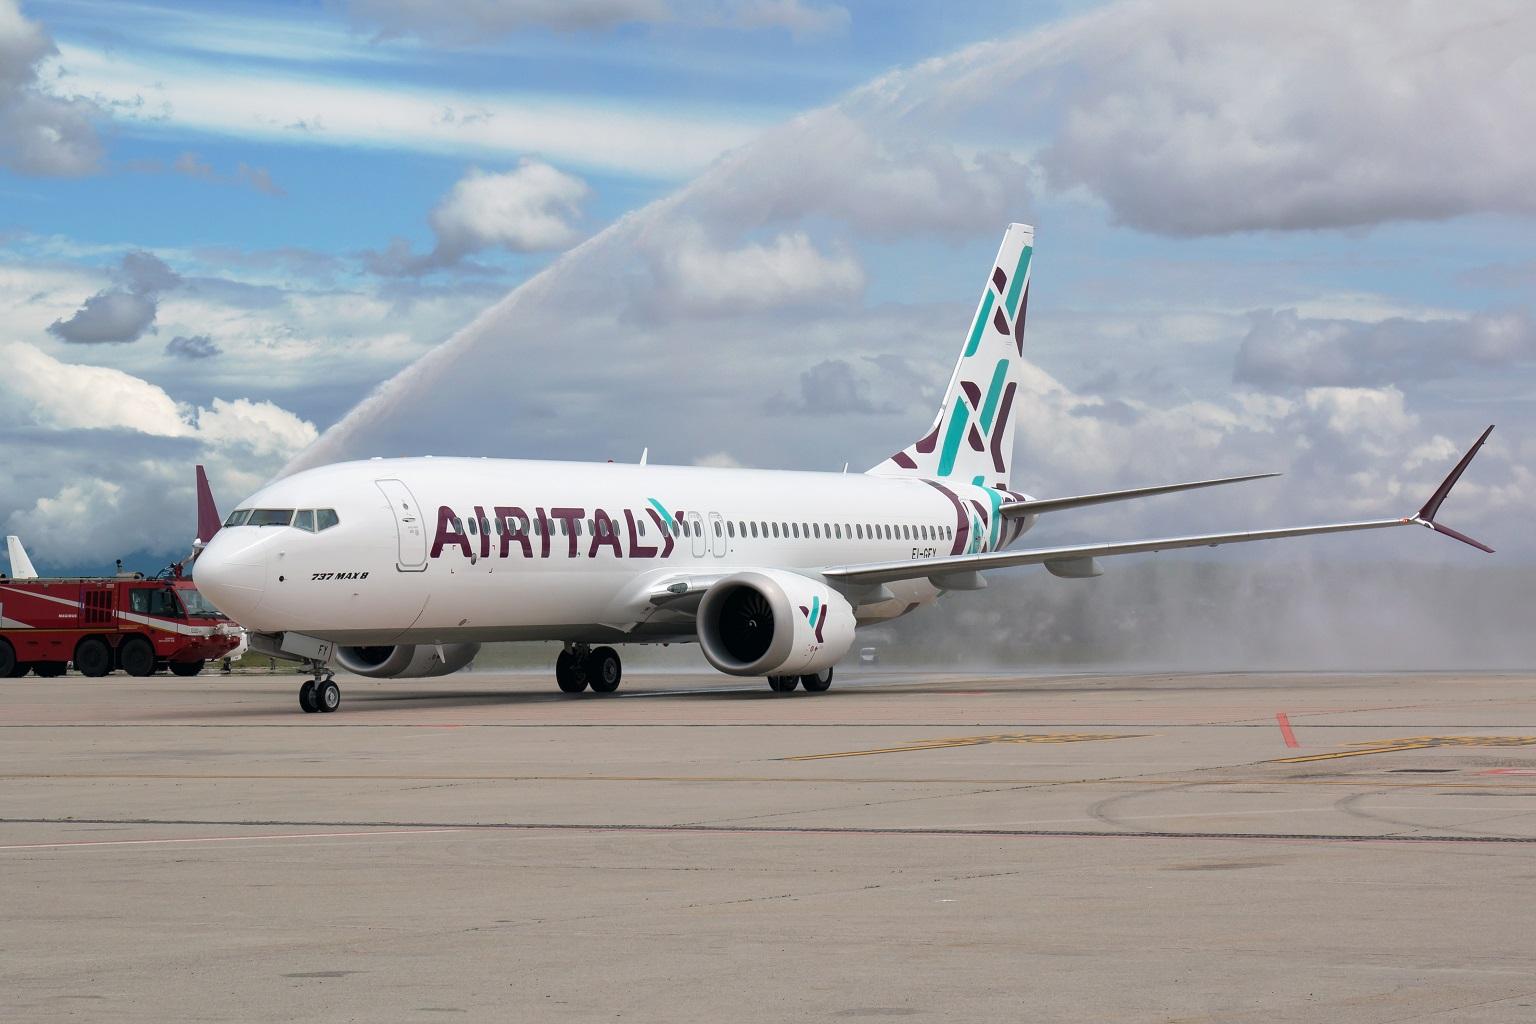 Air Italy, presidente Fontana: no a liquidazione, nel,la foto un aereo di Air Italy